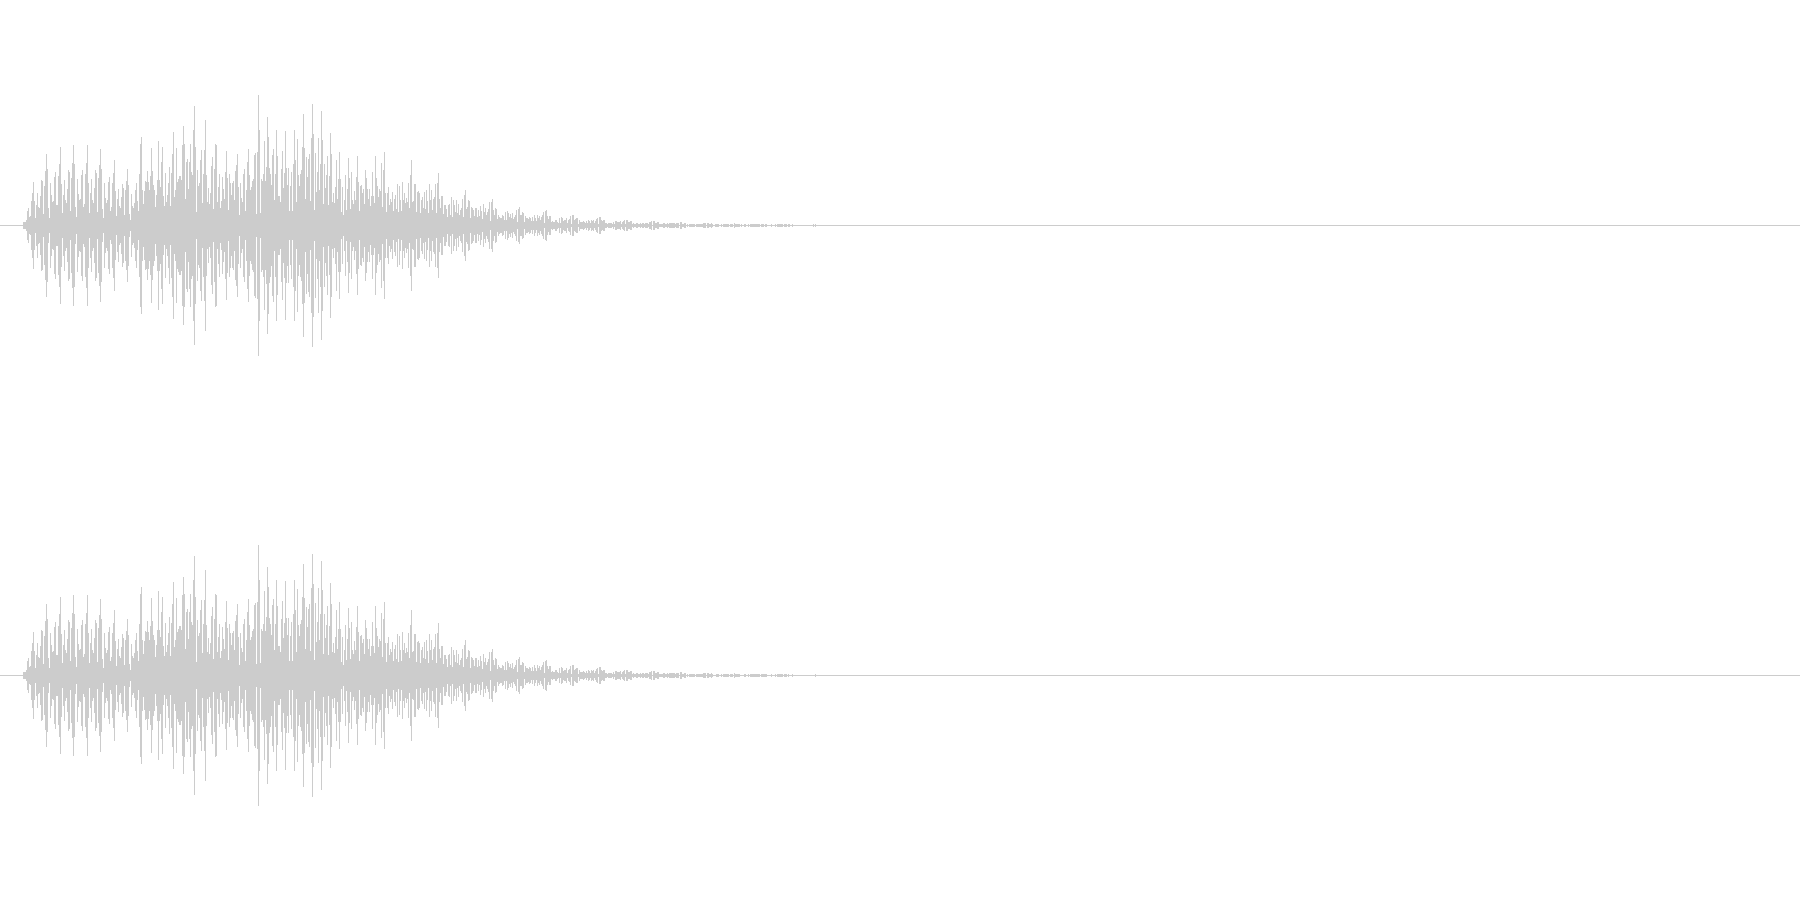 「ドリリン」 決定音2 の未再生の波形